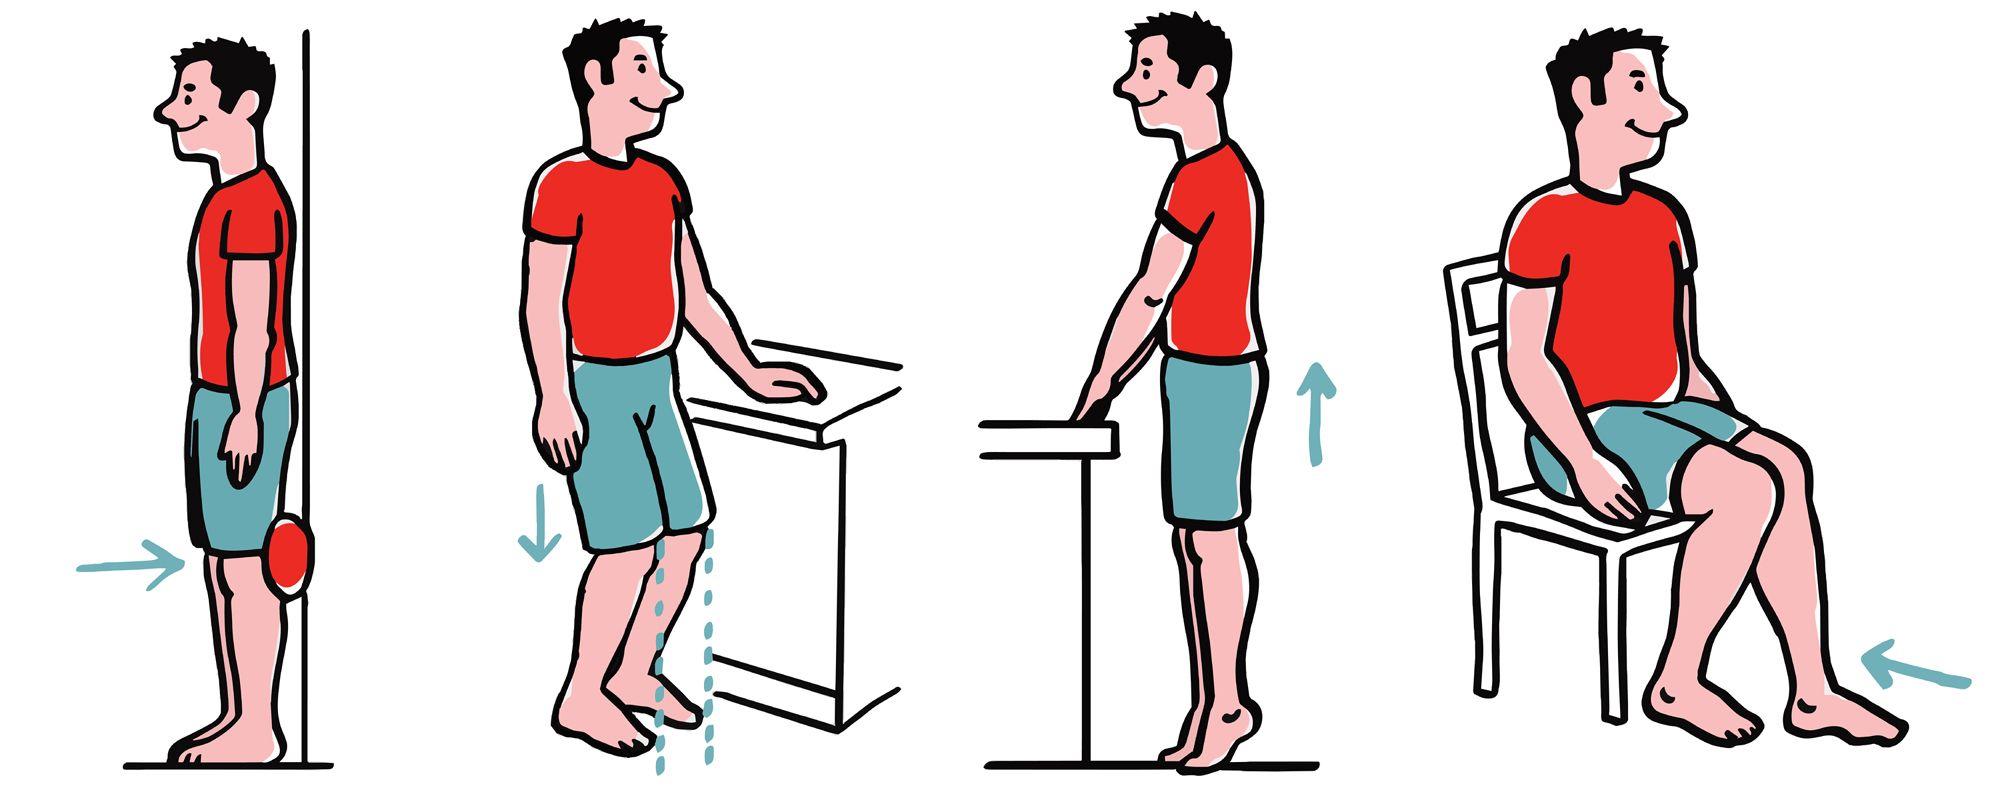 ćwiczenia staw kolanowy 1